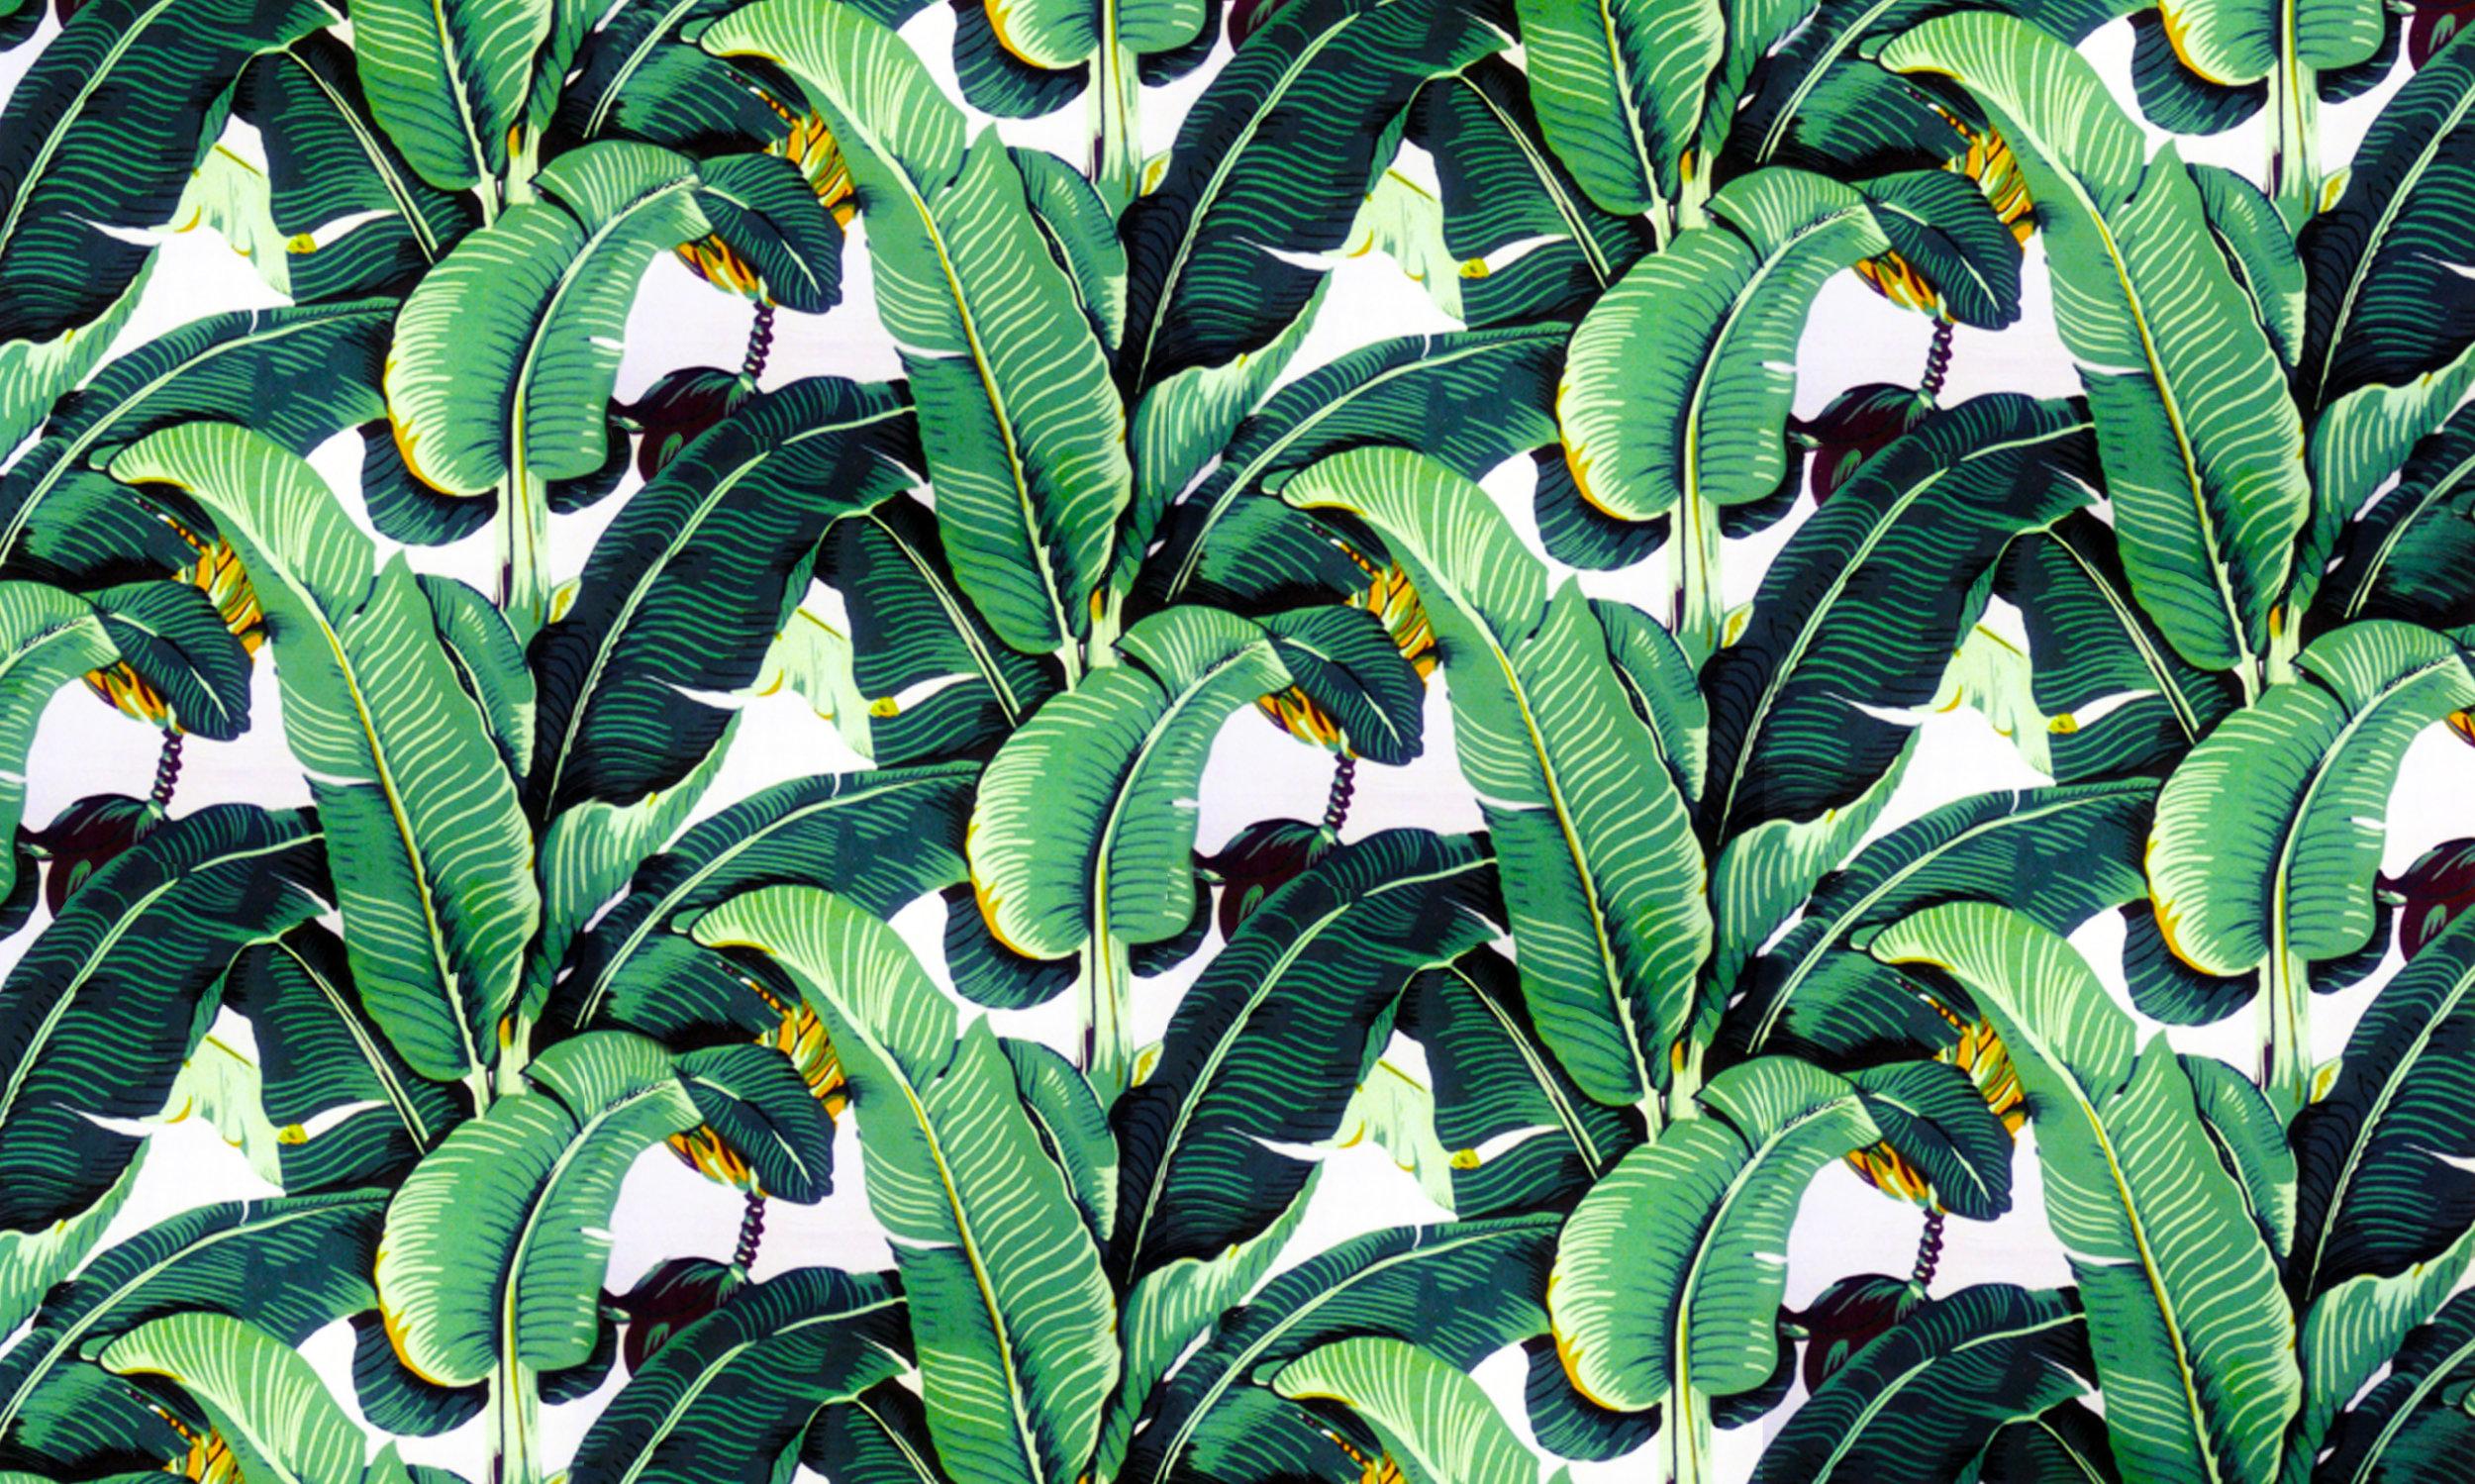 Ontrend Go Banana Leaf Coupar